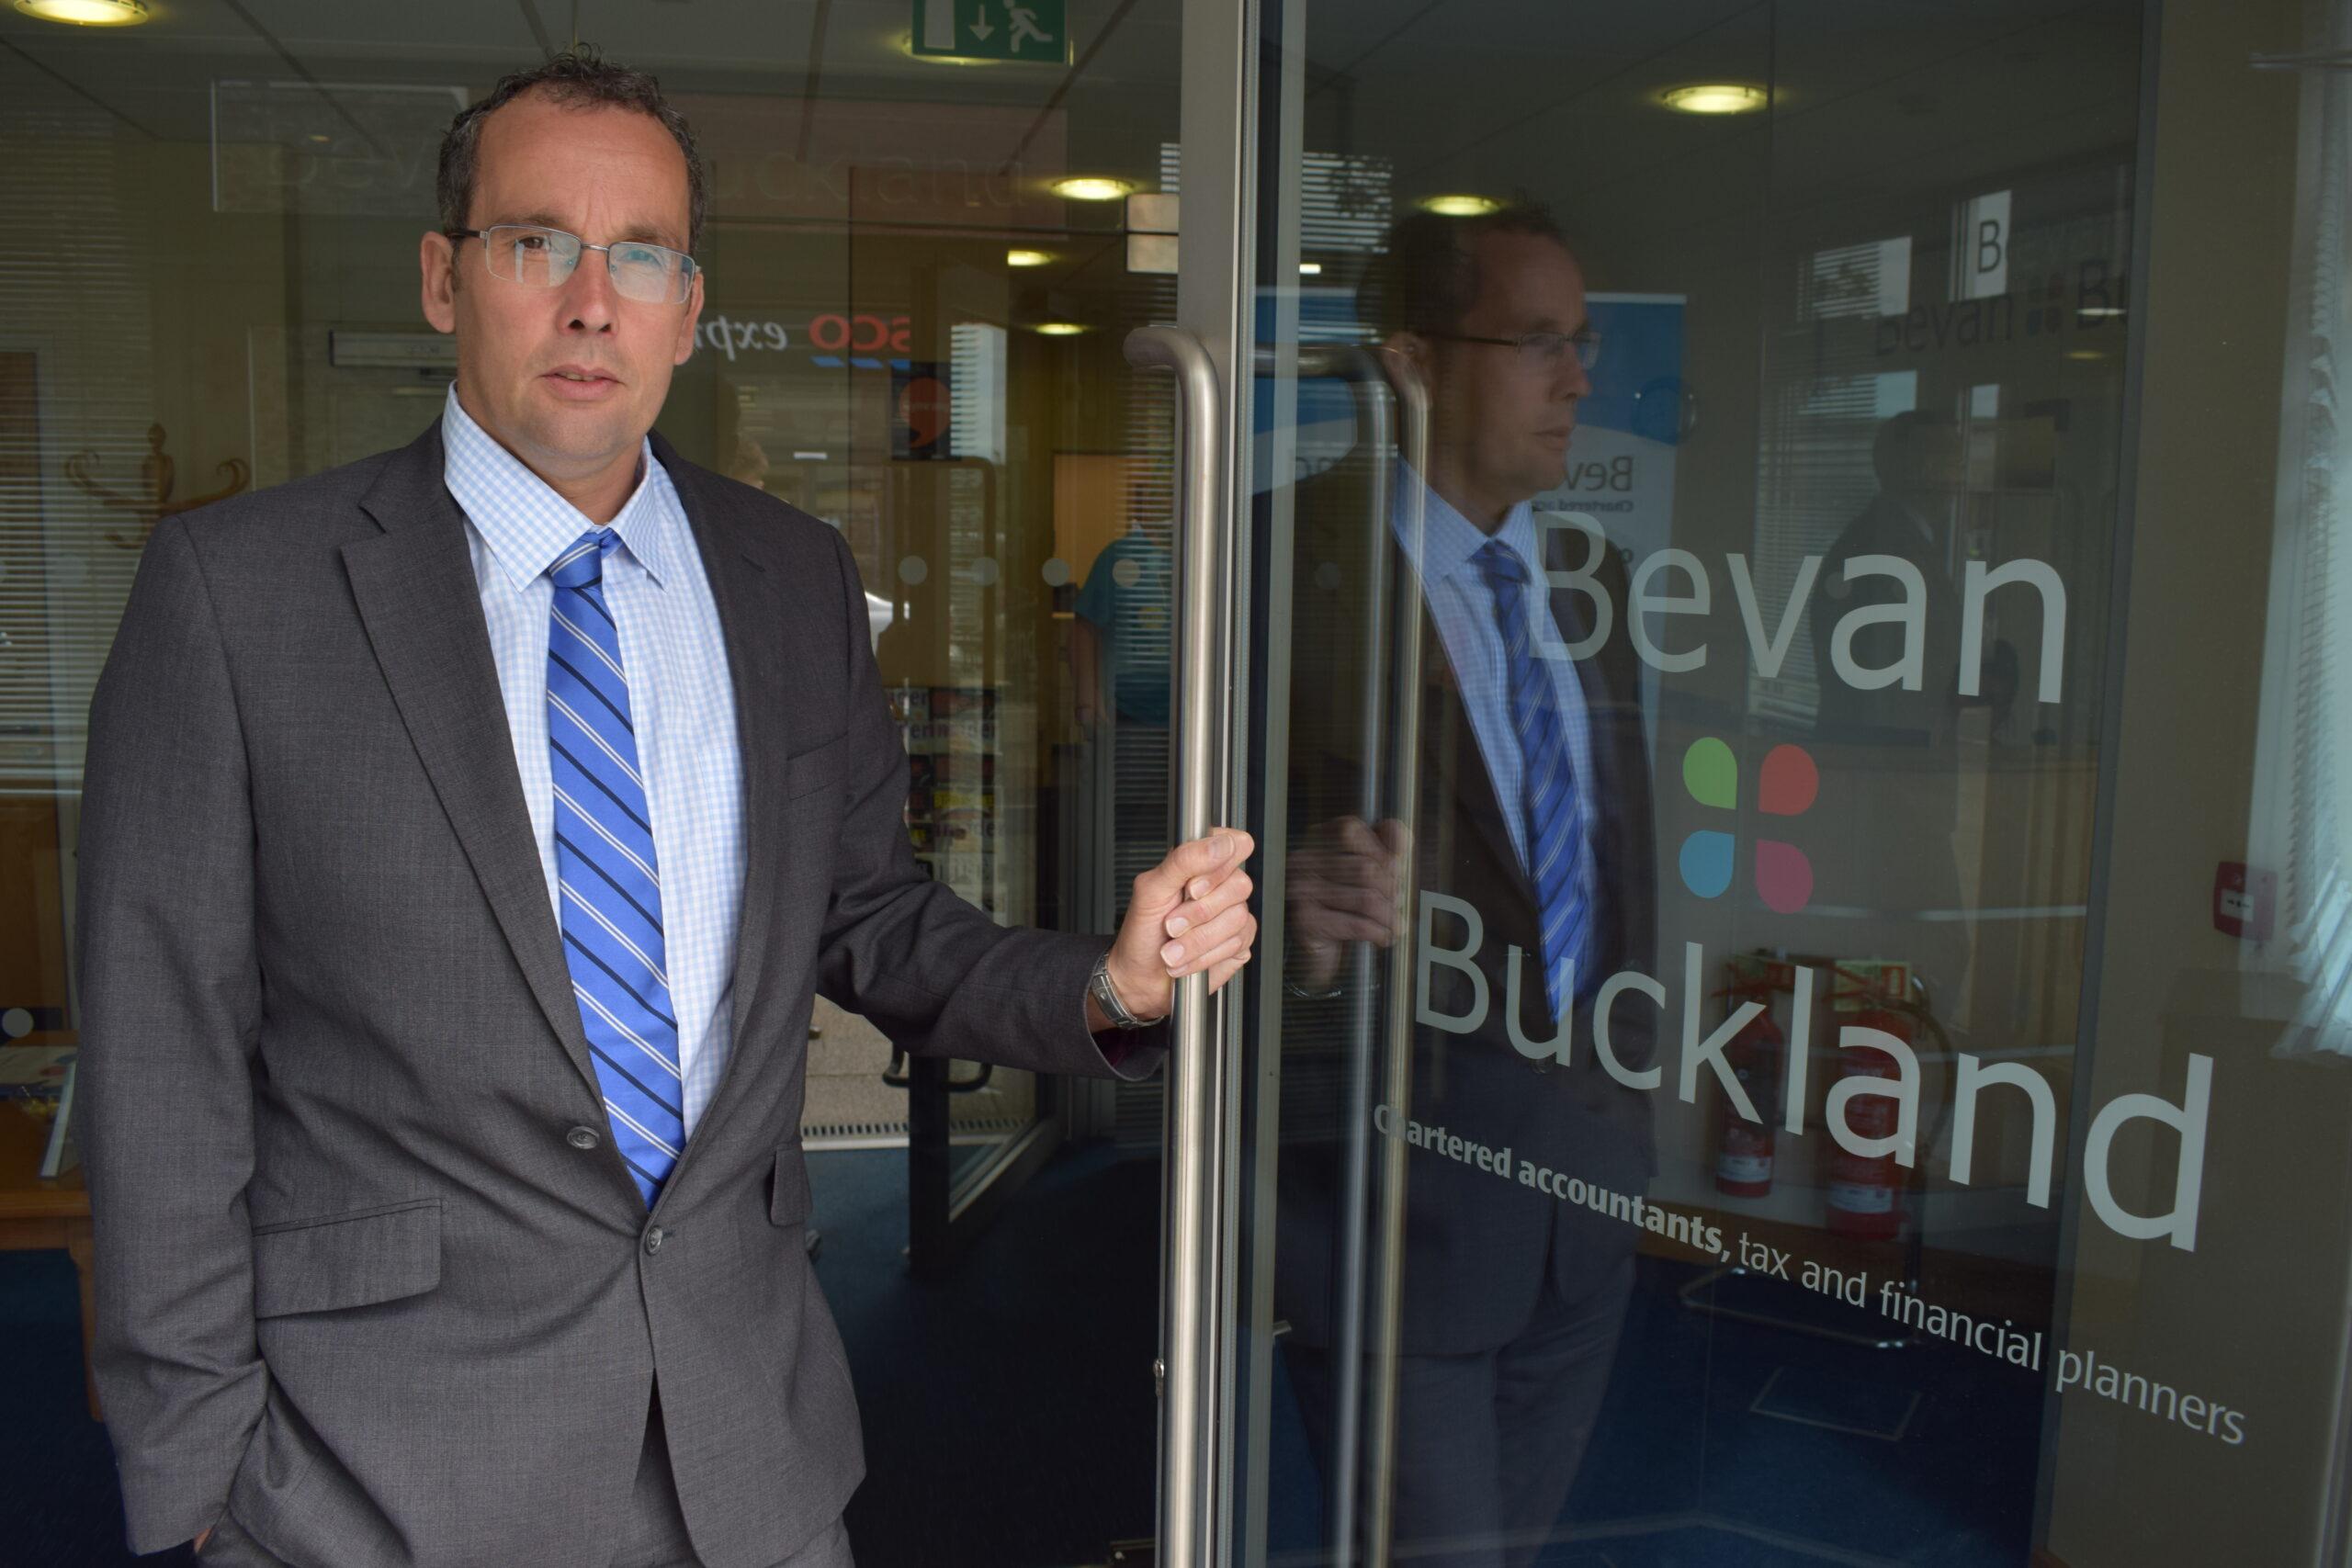 Paul Arnold holding the front door of Bevan Buckland LLP